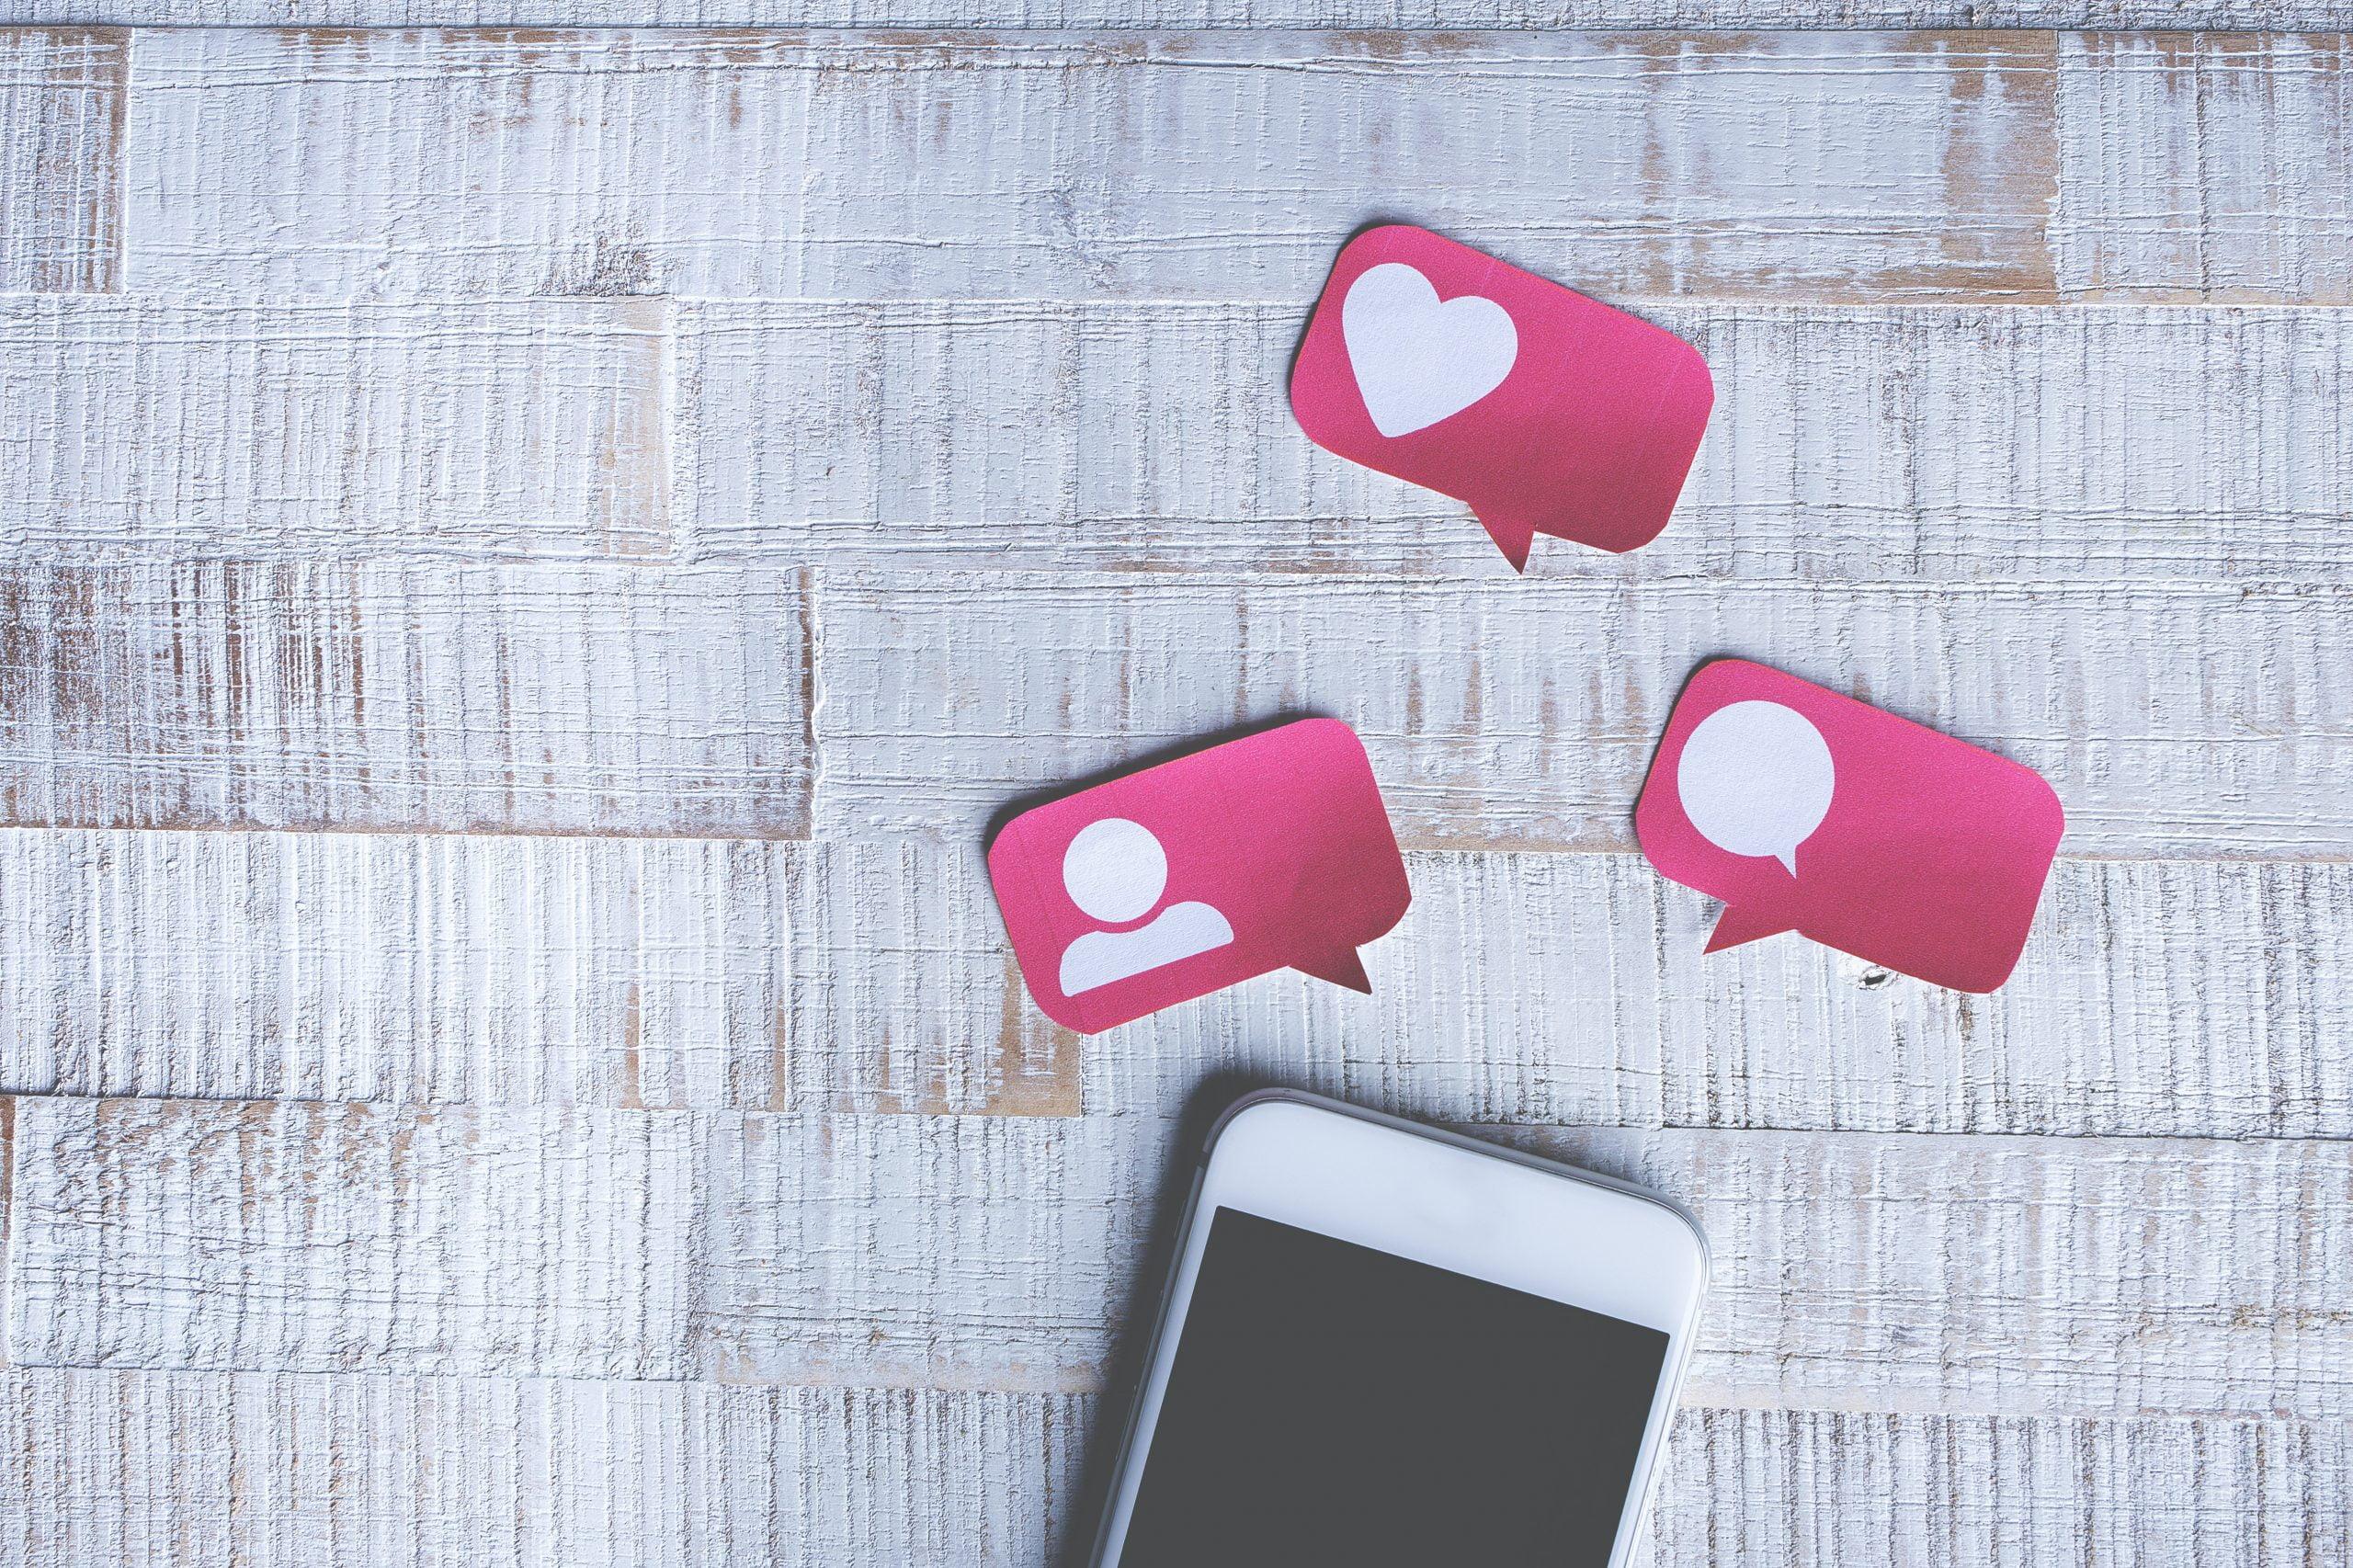 Concours réseaux sociaux règles